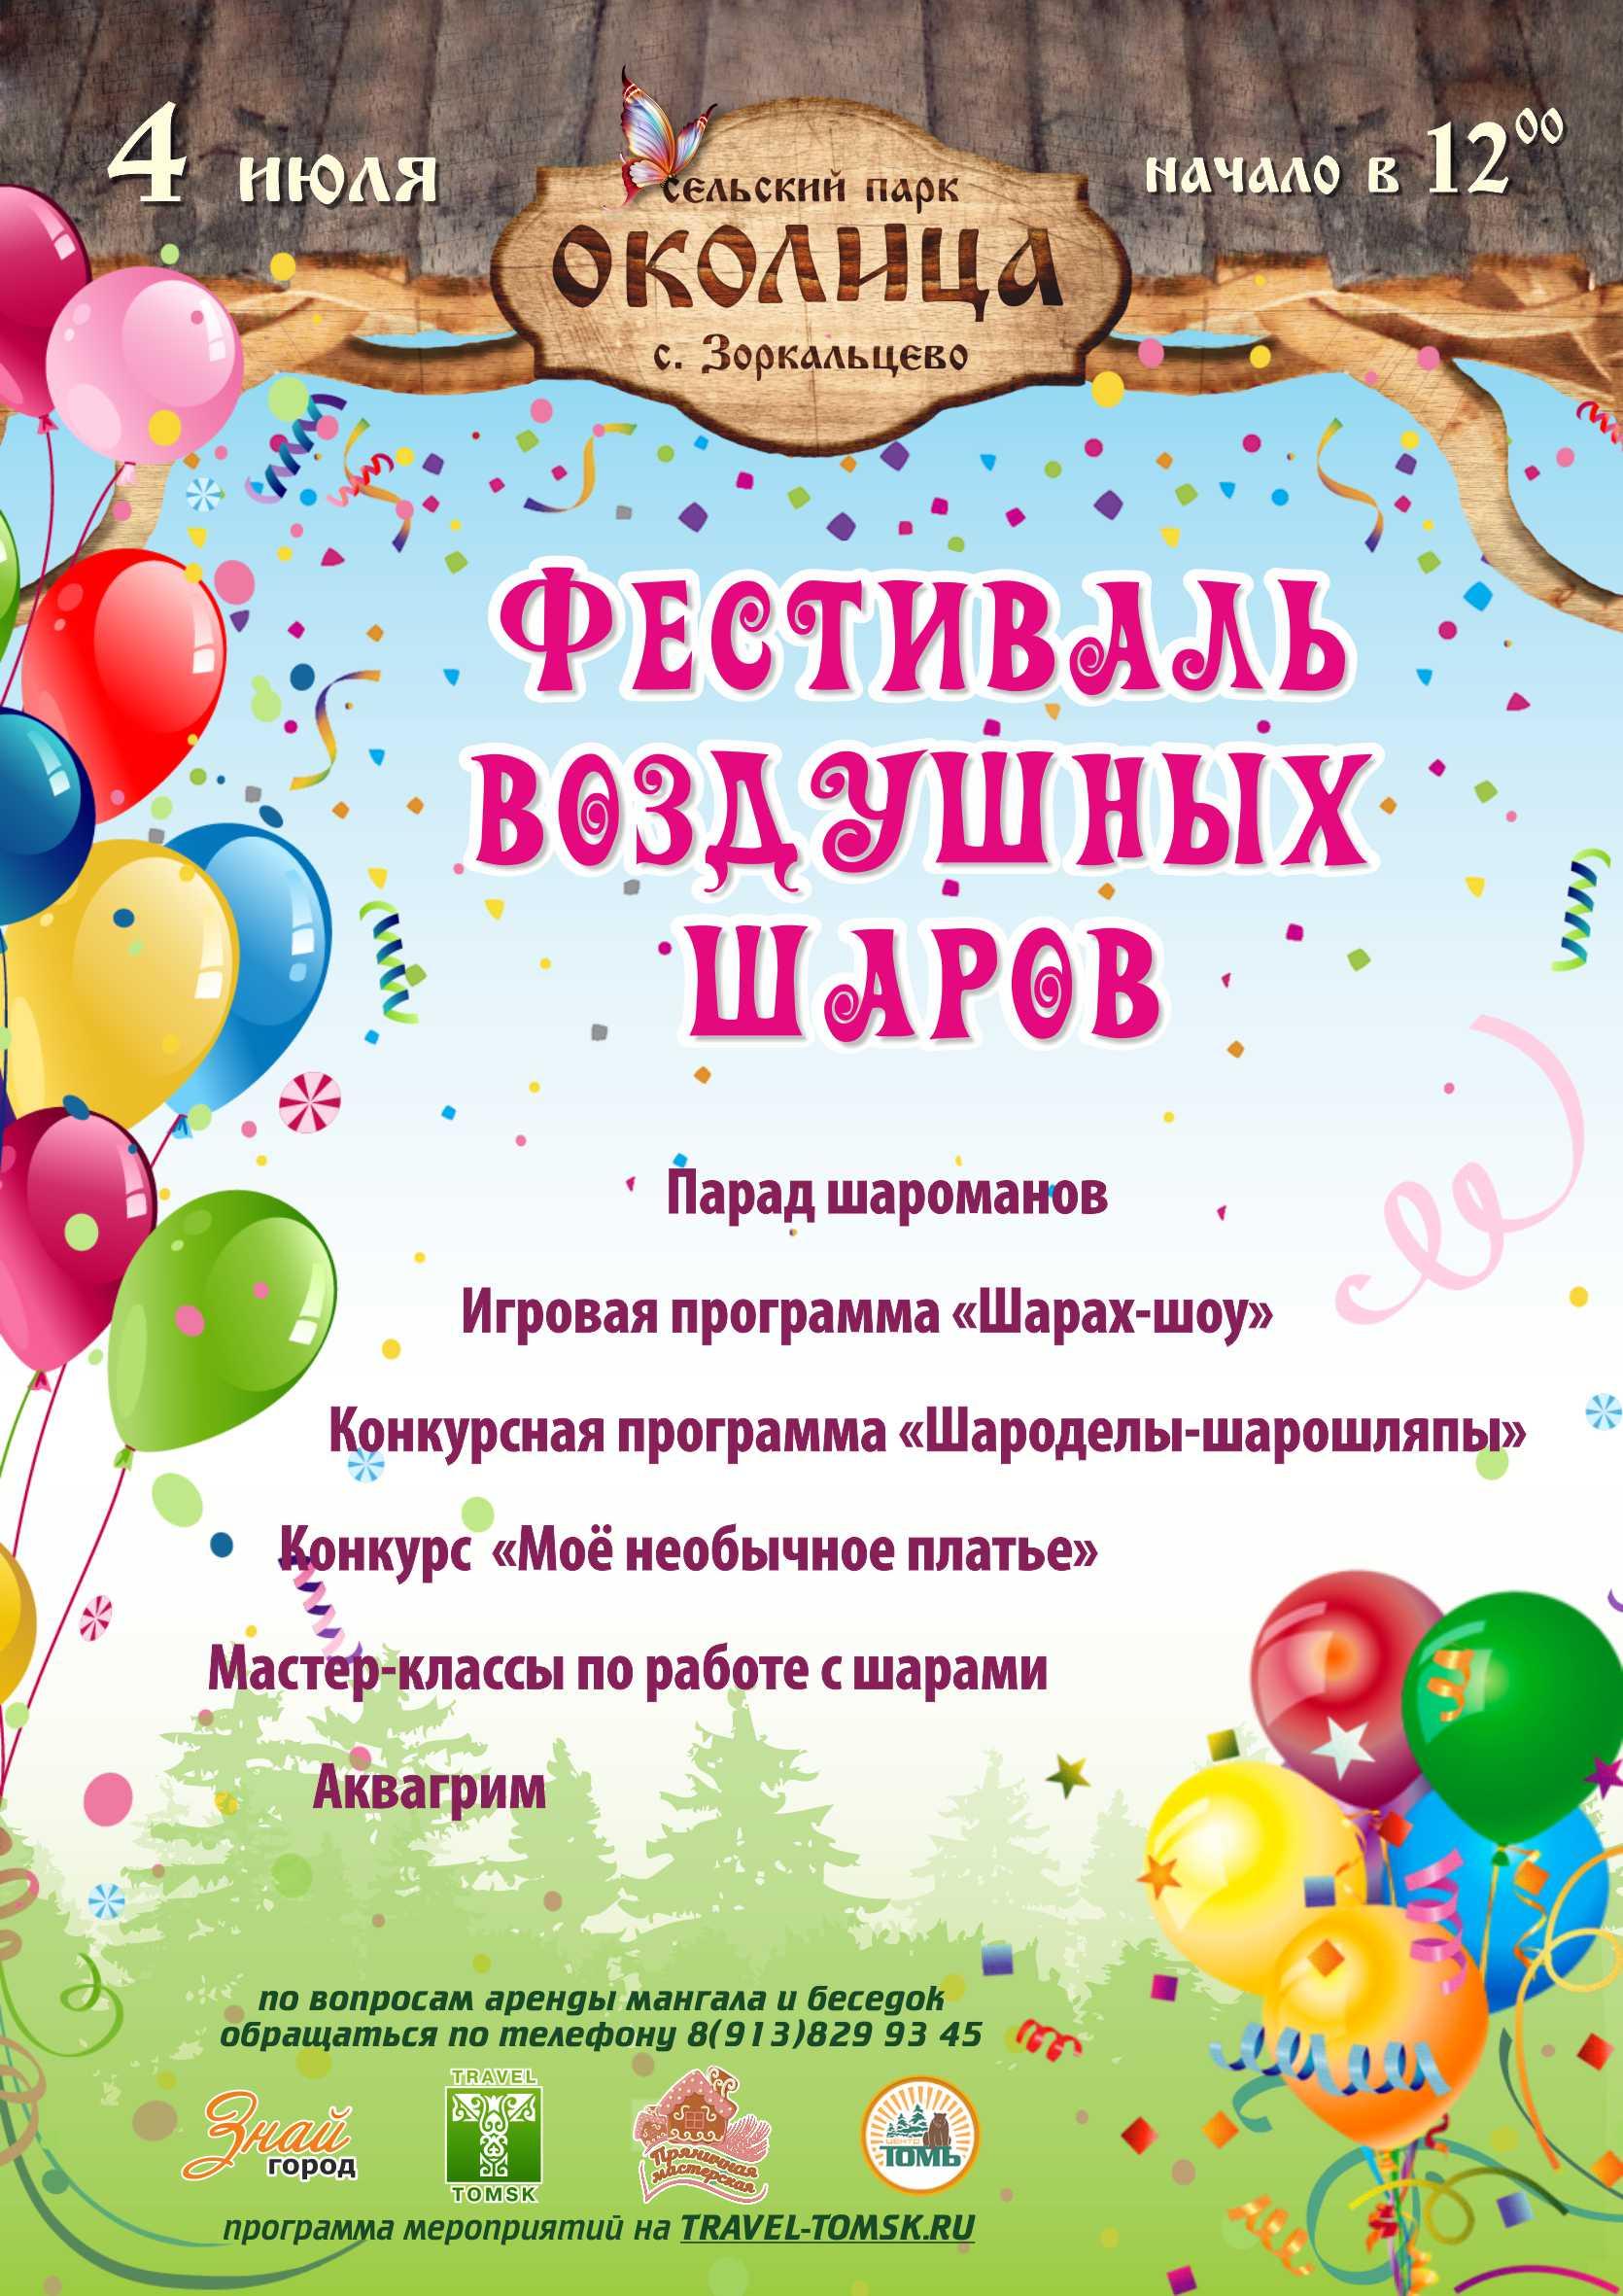 На фестивале воздушных шаров в парке «Околица» соберутся томские аэродизайнеры